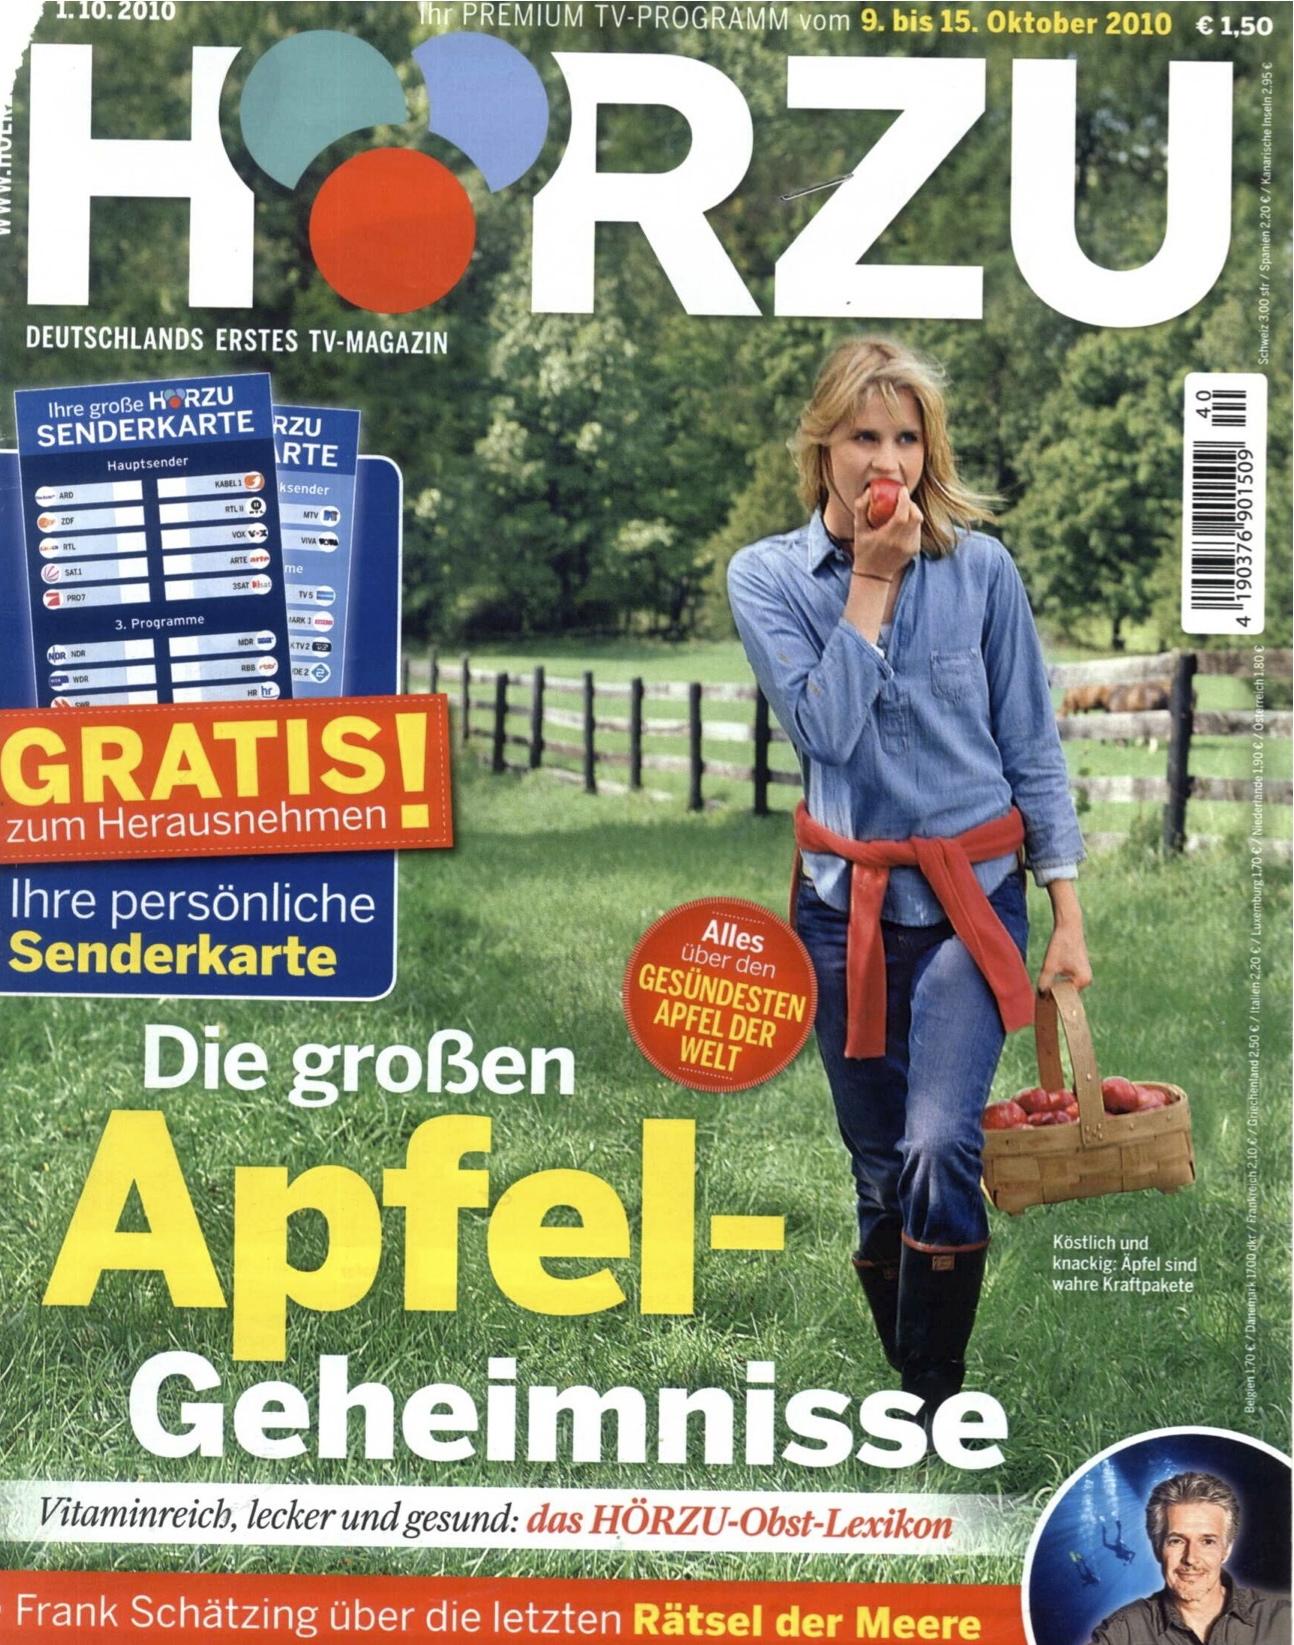 HZ_1.10.2010_Cover (1).jpg